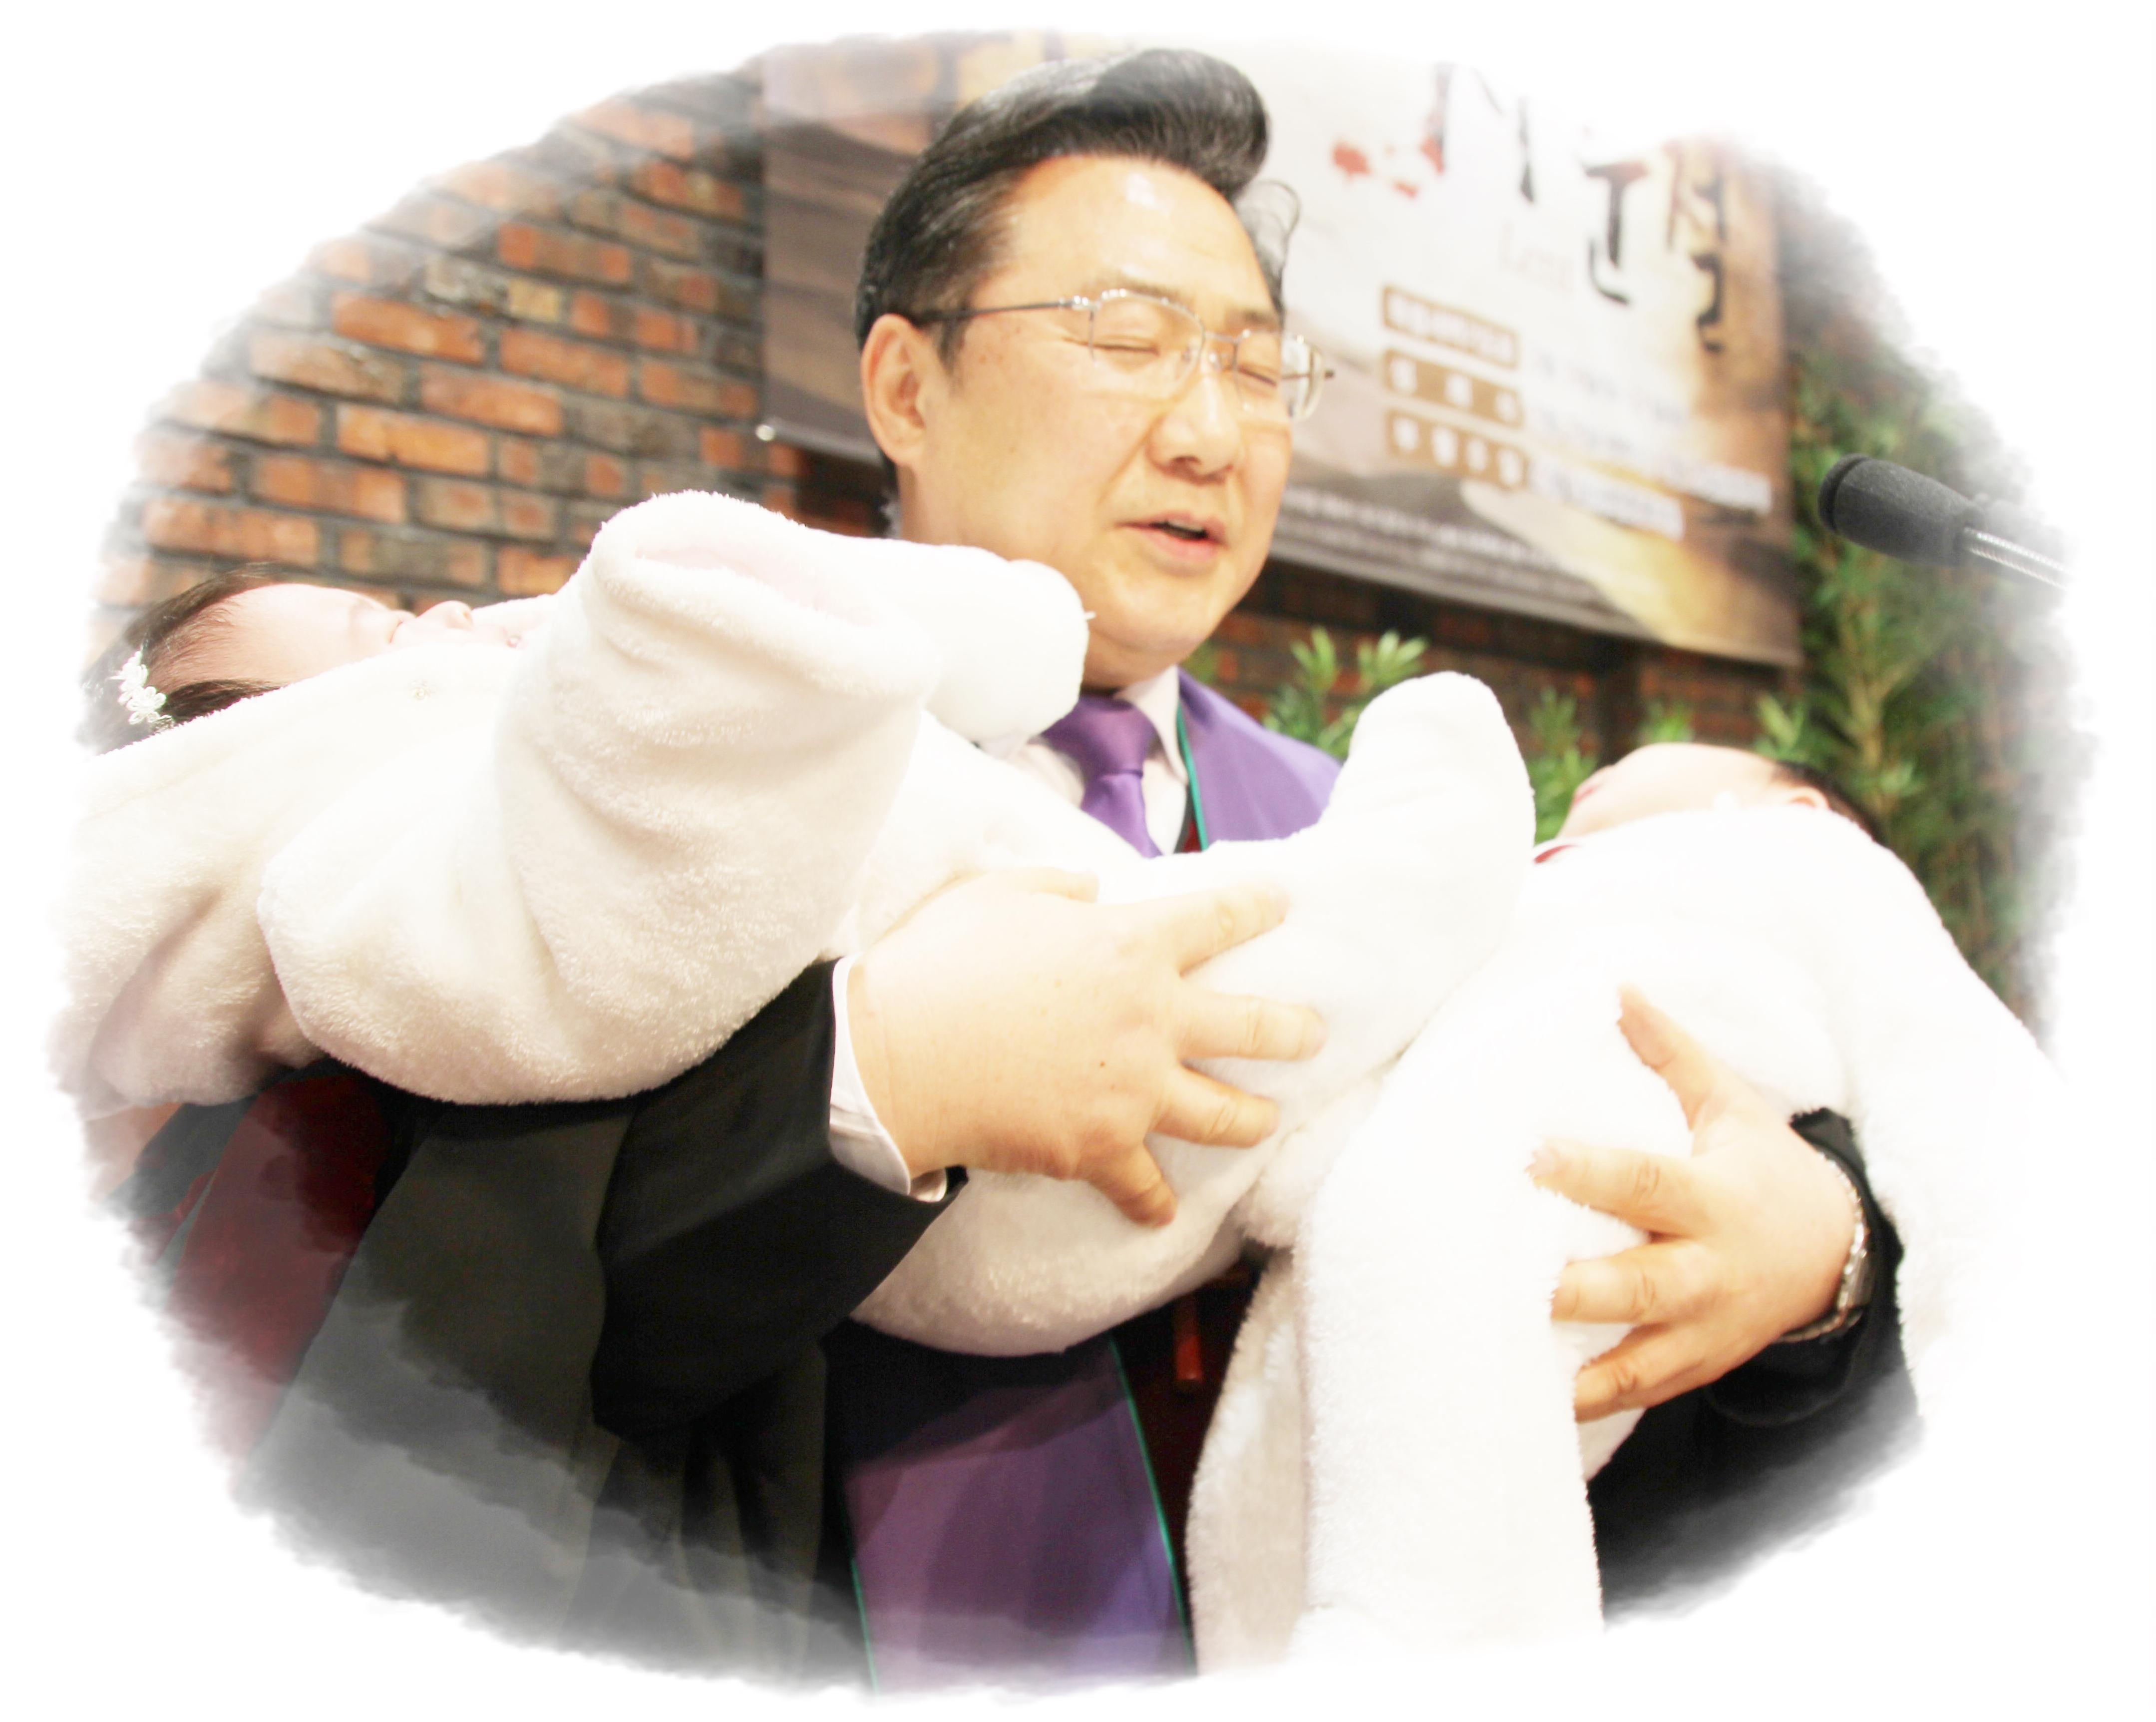 3월24일 홍라준  홍라희 아기.jpg